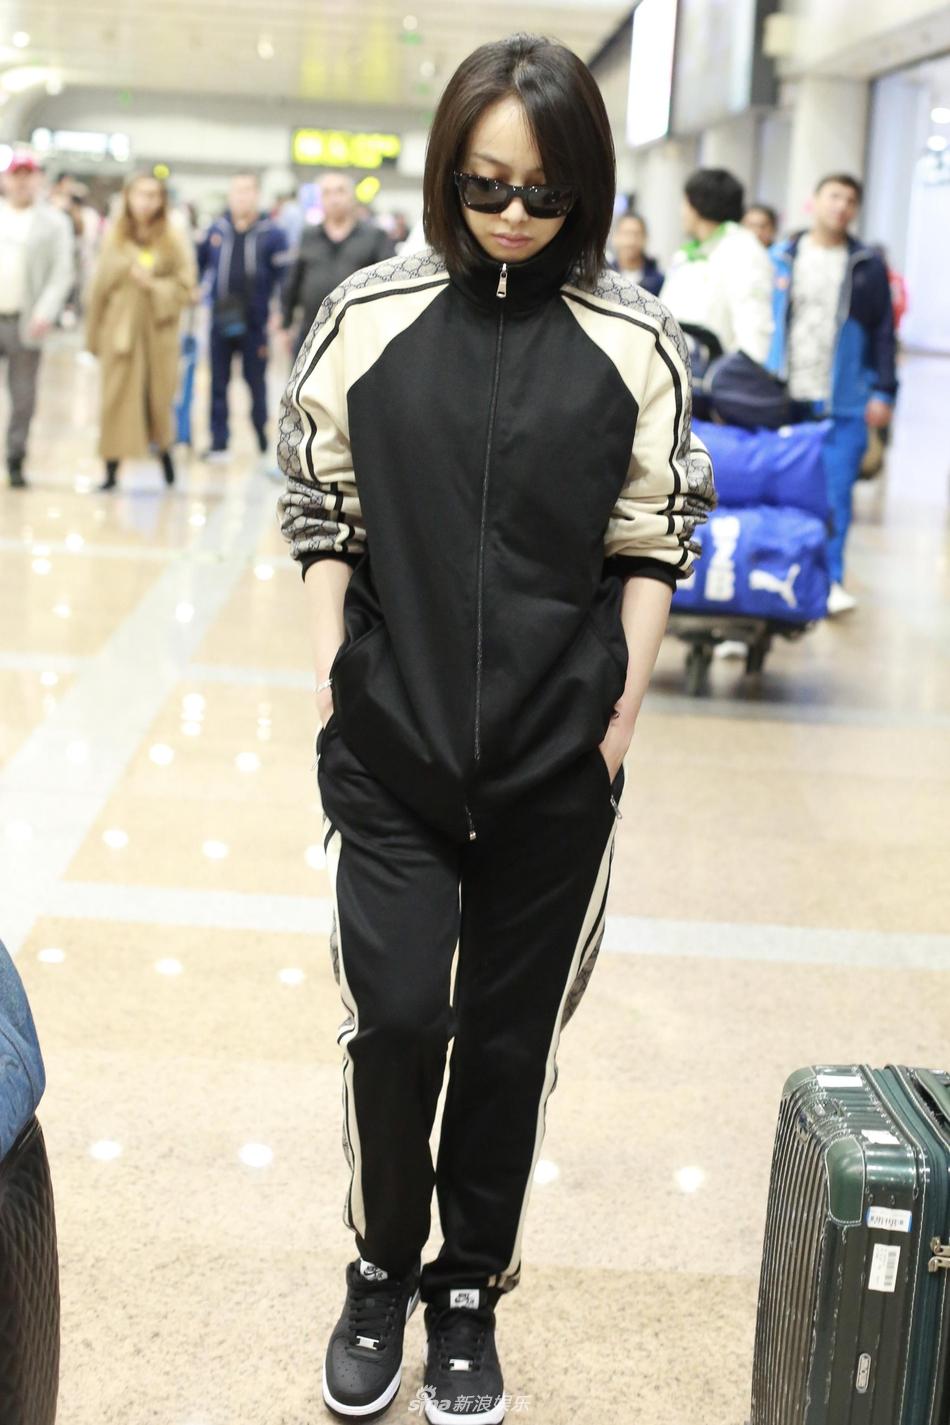 组图:宋茜穿黑色运动服现身酷劲足 墨镜遮素颜一路低头行走